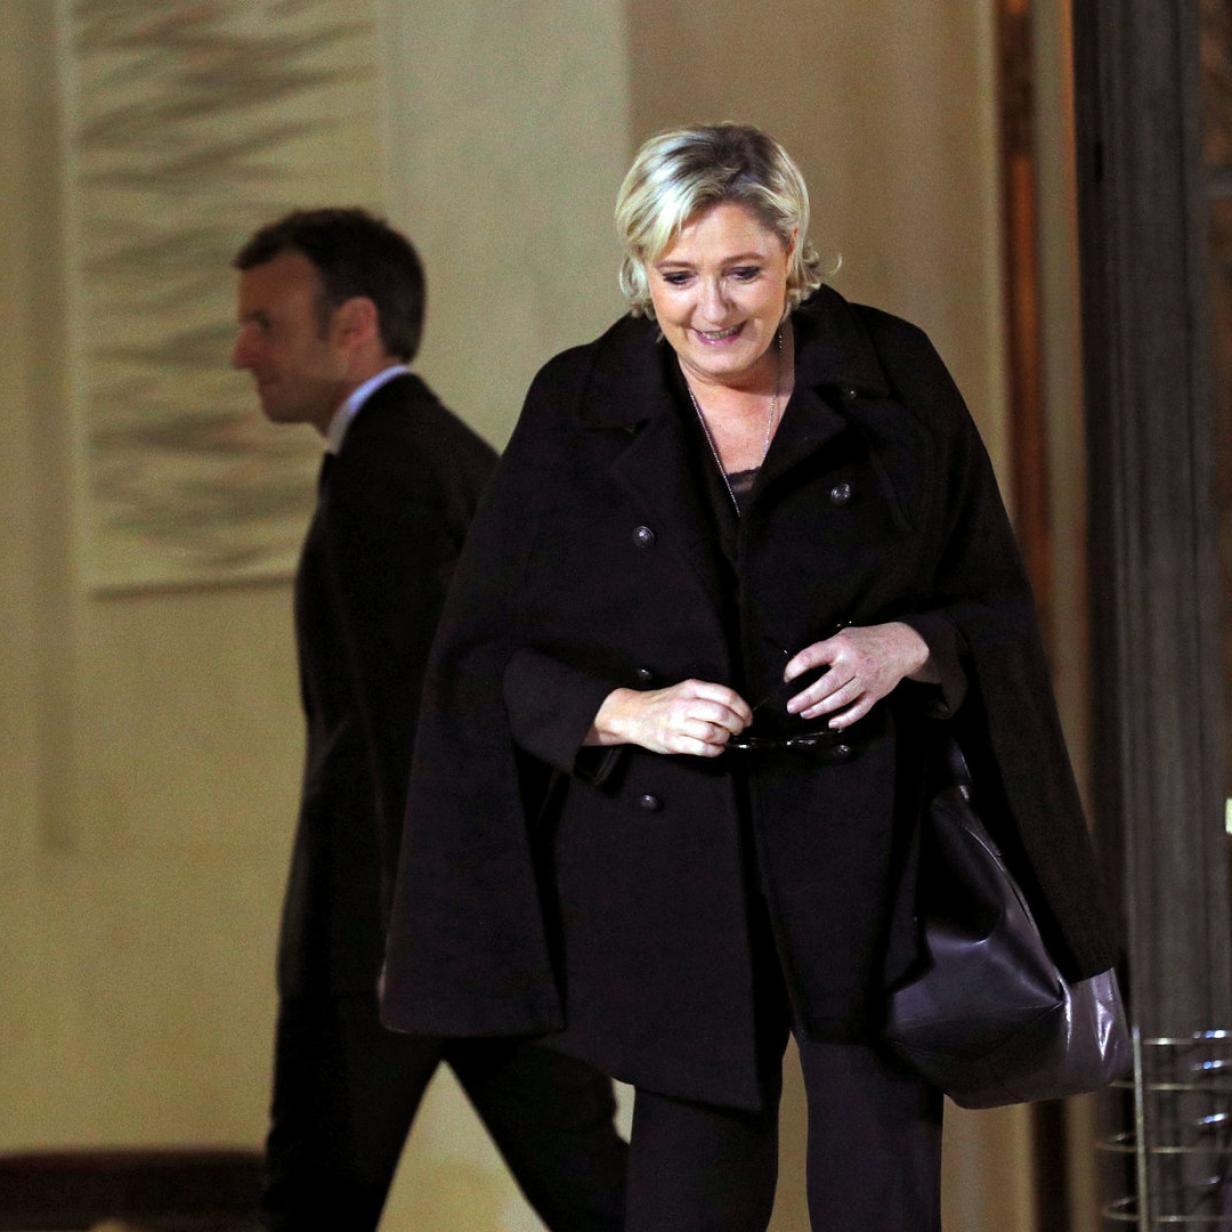 Frankreich: Neues Duell Le Pen gegen Macron